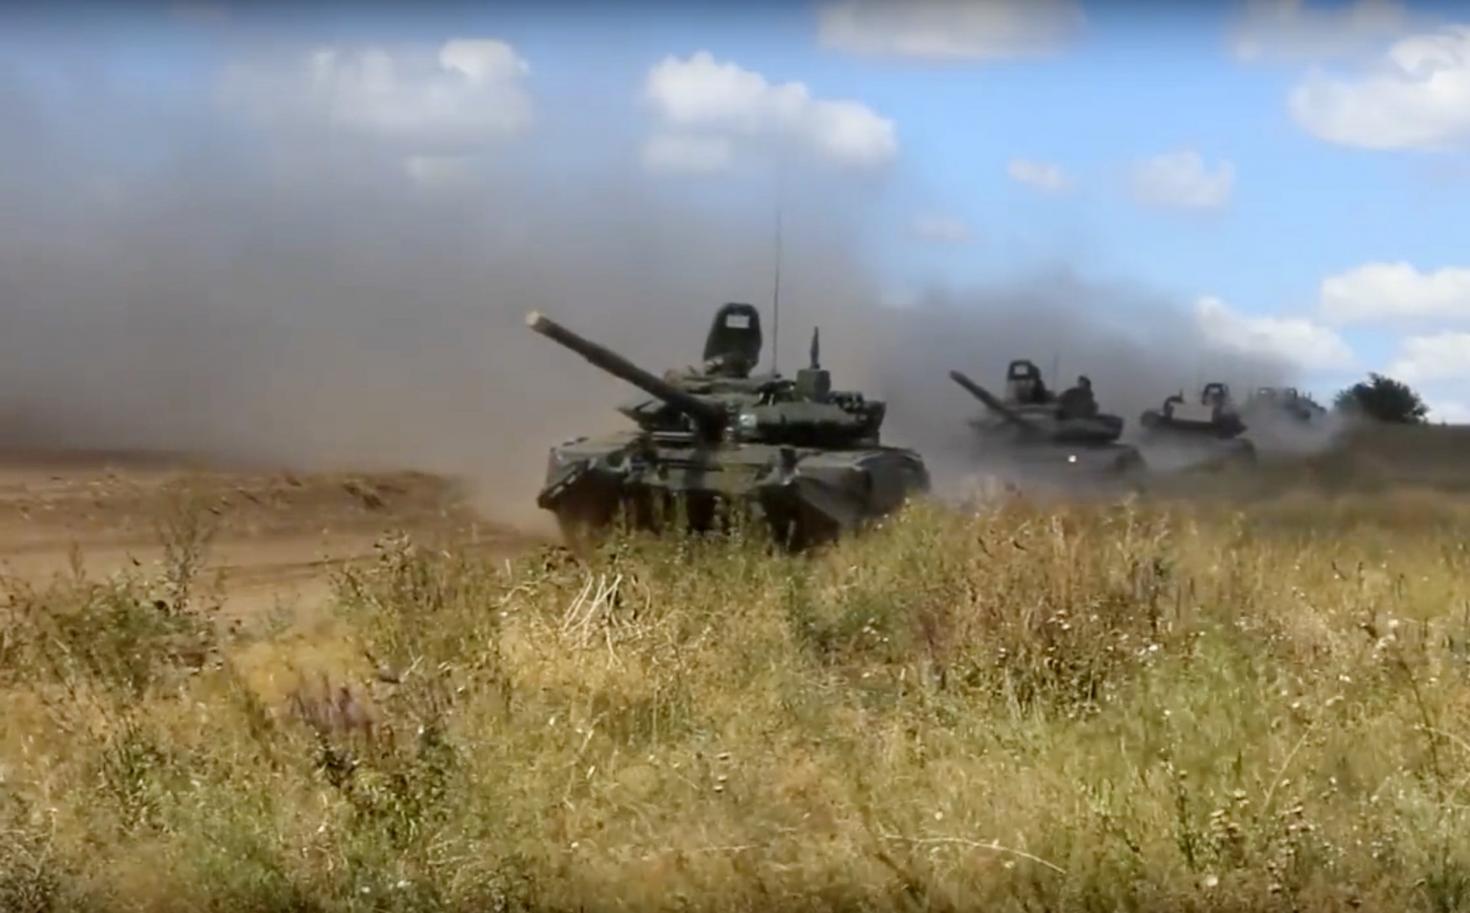 A második világháború óta nem mozdult meg ekkora orosz haderő